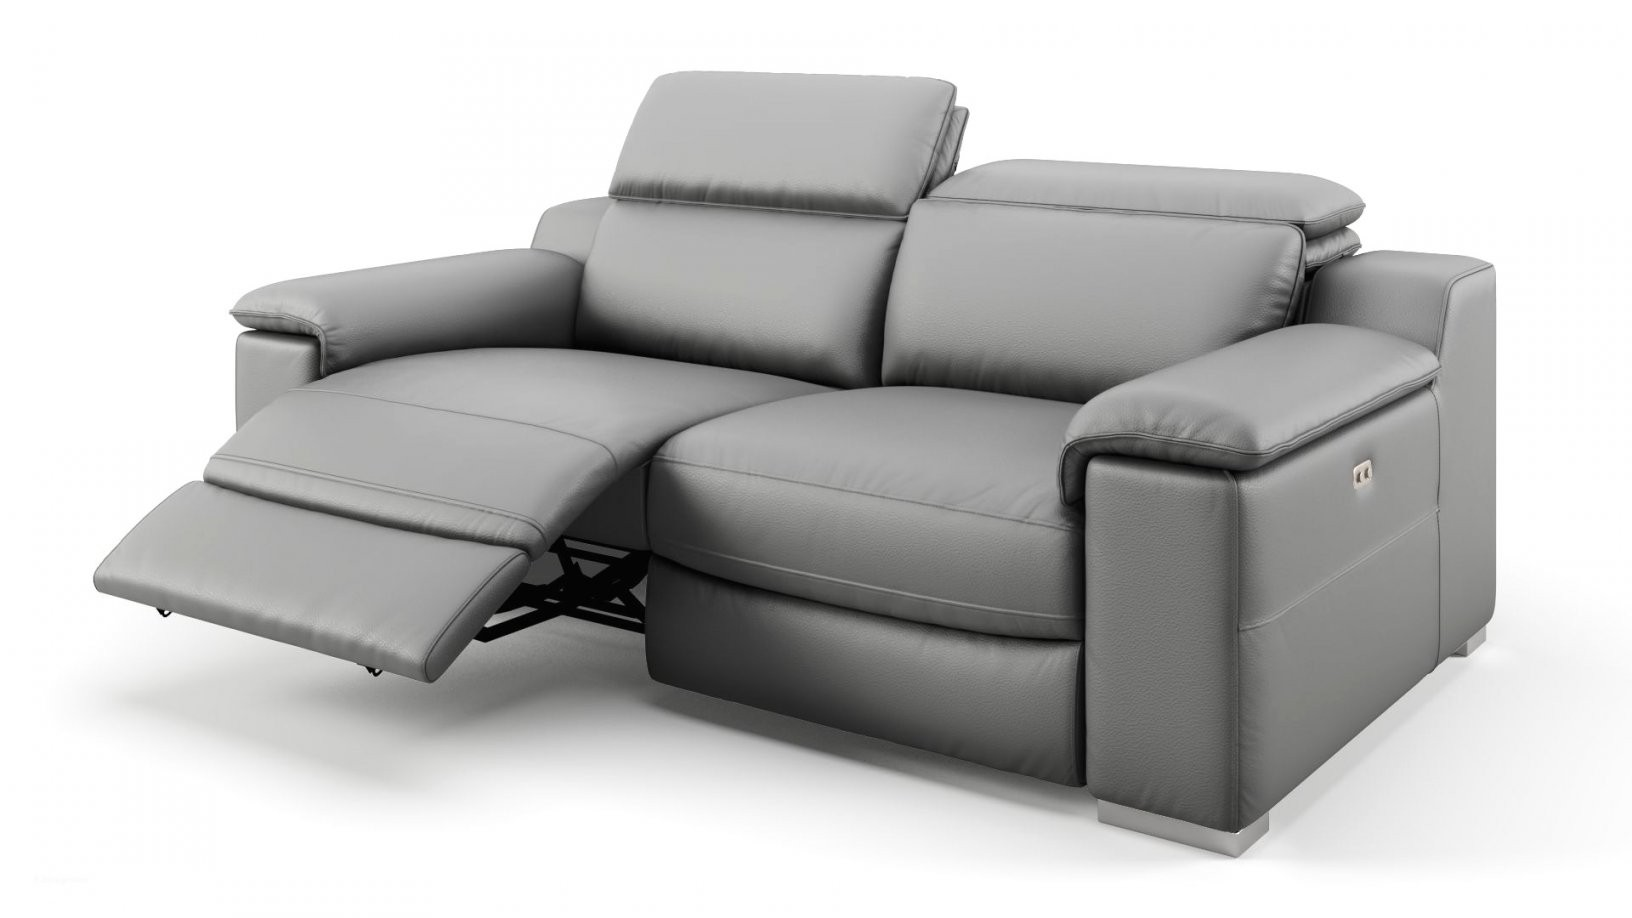 43 Gut Fotos Von 2 Sitzer City Sofa Mit Relaxfunktion  Sofaideen von 2 Sitzer City Sofa Mit Relaxfunktion Photo